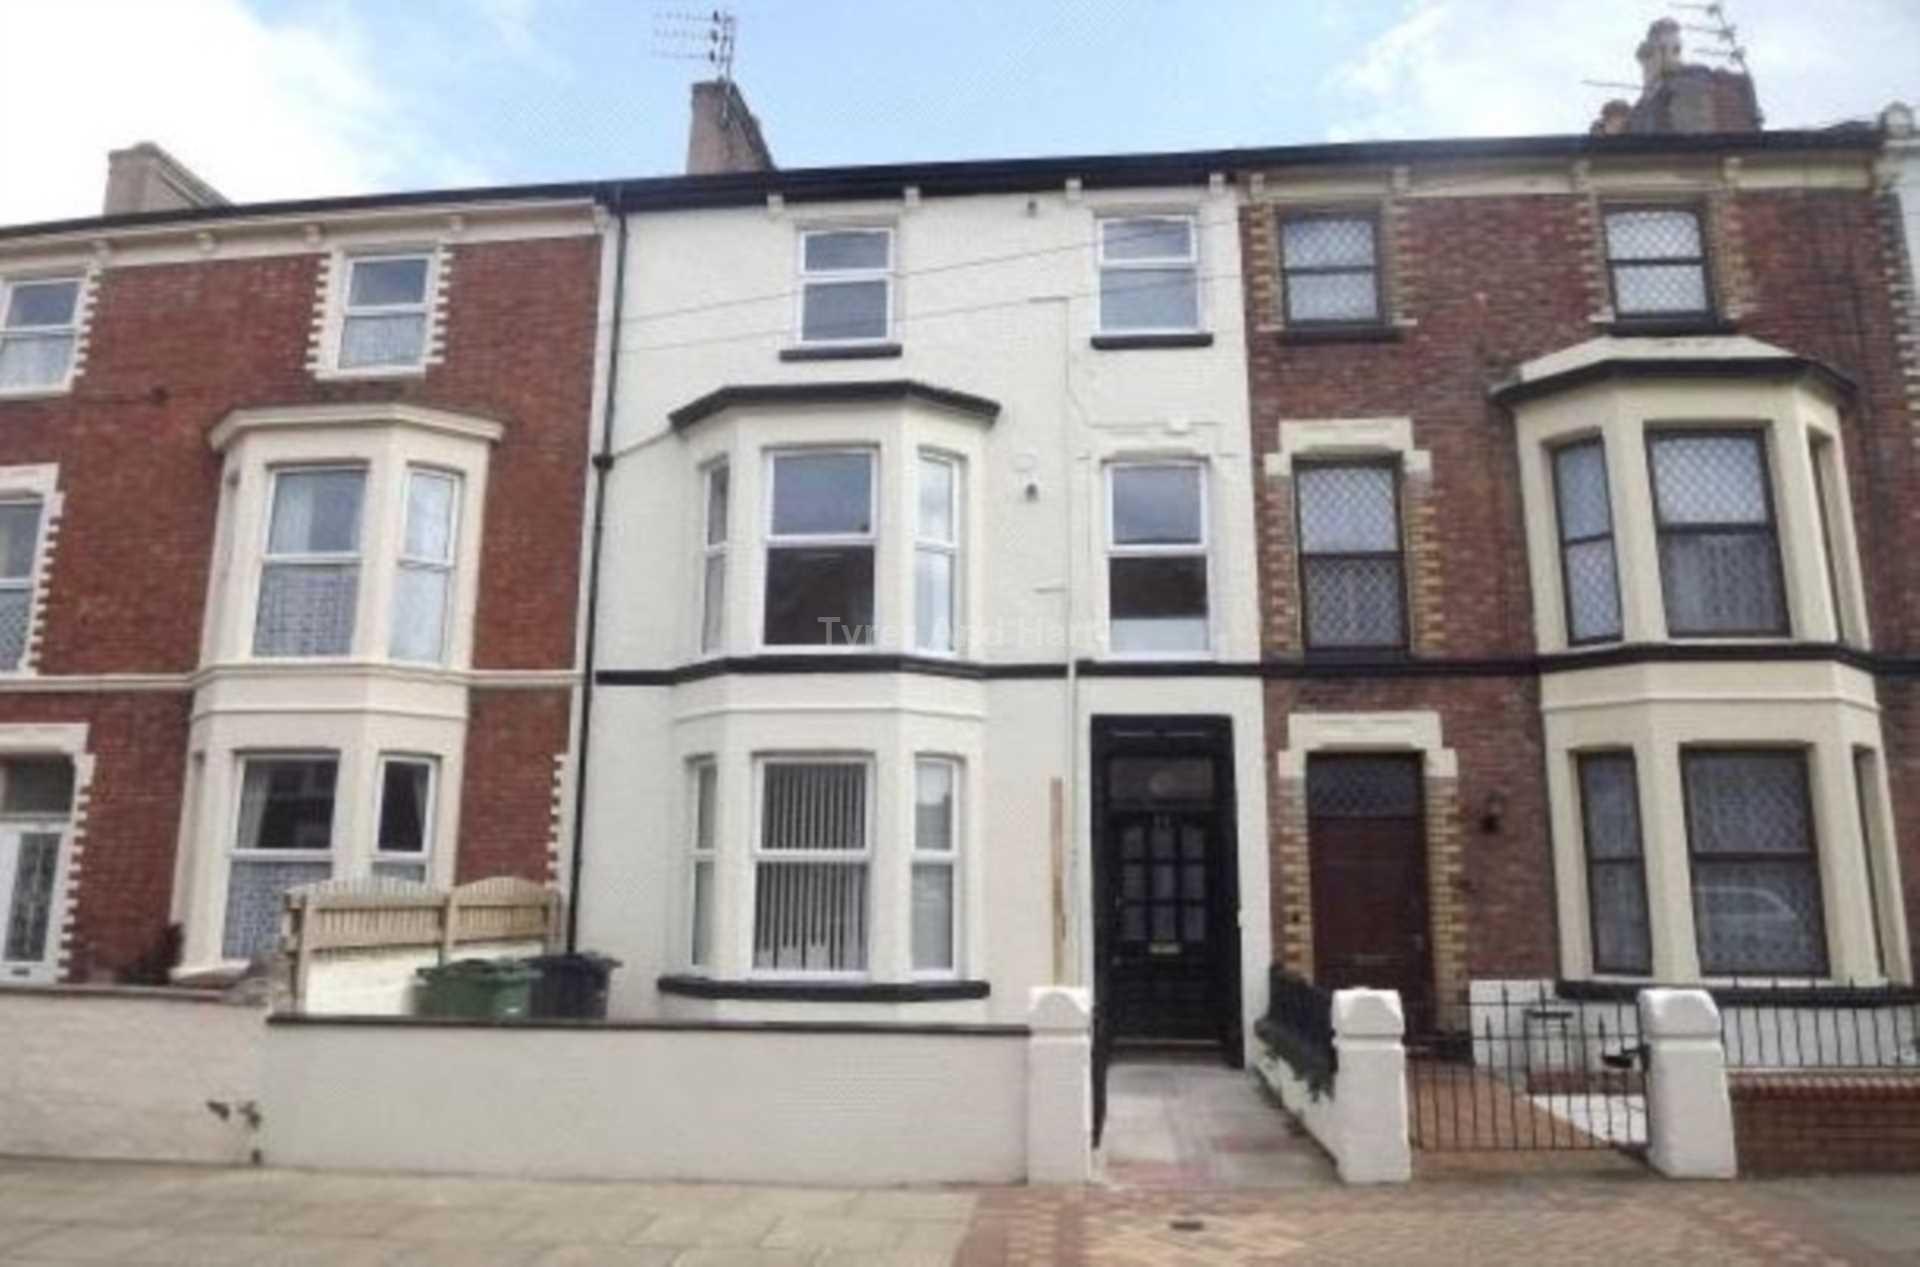 2 Bedroom Apartment To Rent Second Floor Egerton Street